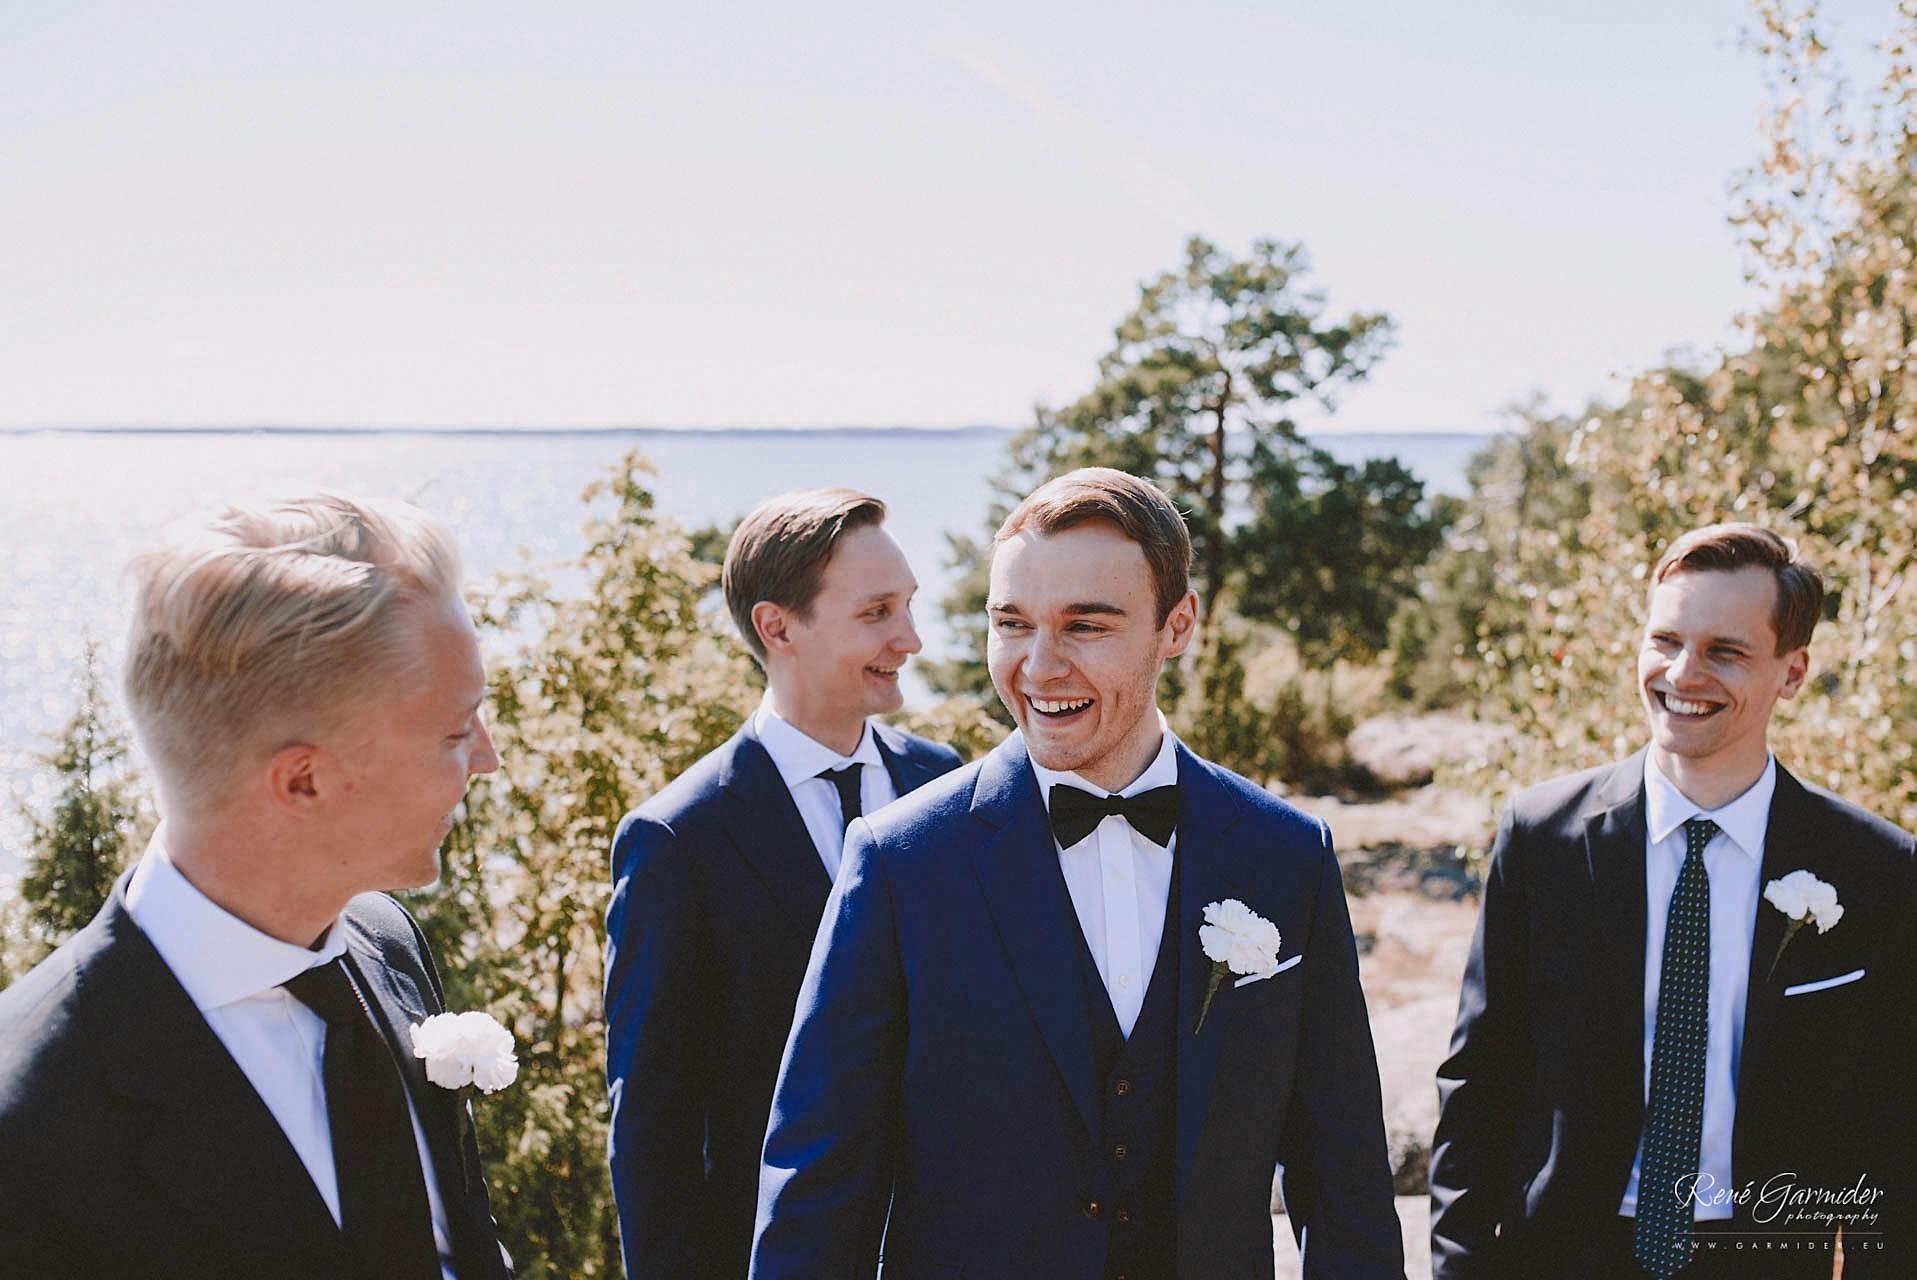 destination-wedding-photography-finland-miljookuvaus-haakuvaus-haakuvaaja-leena-juri-28